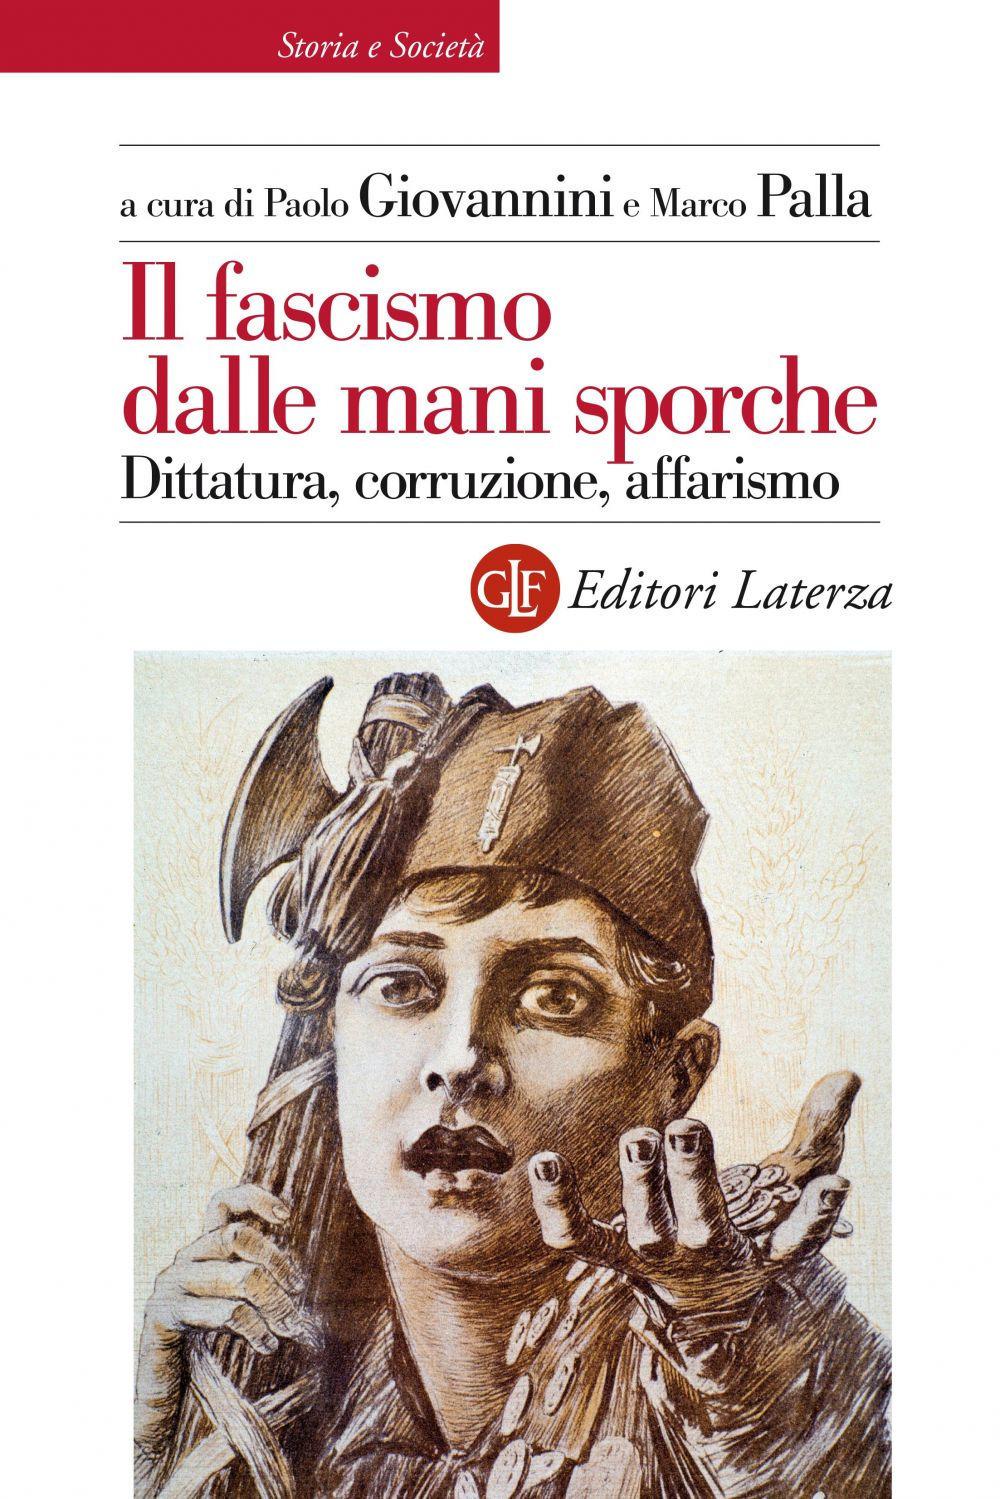 FASCISMO DALLE MANI SPORCHE. DITTATURA, CORRUZIONE, AFFARISMO (IL) - Giovannini P. (cur.); Palla M. (cur.) - 9788858134092